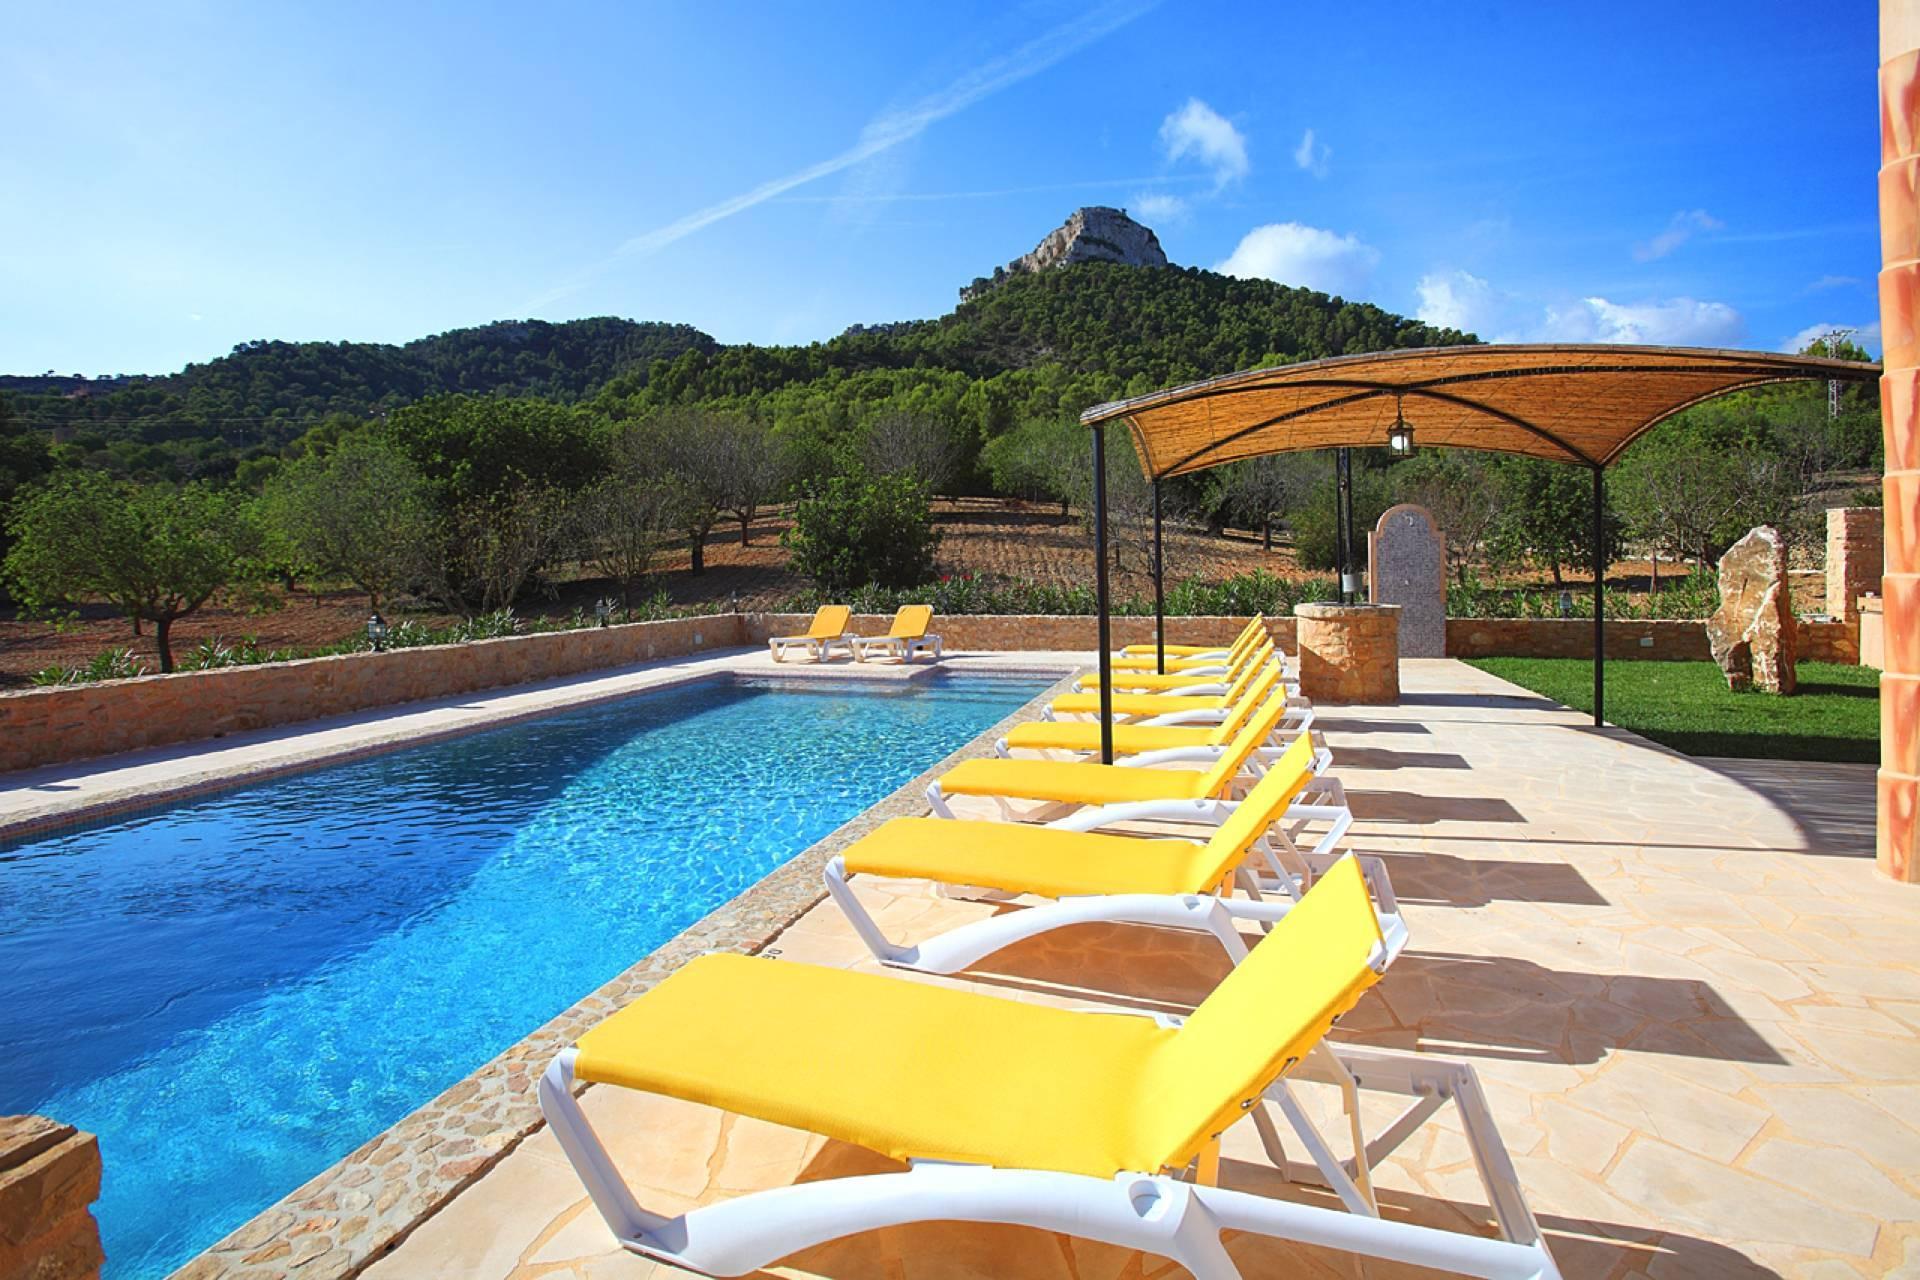 01-159 Ländliches Ferienhaus Mallorca Osten Bild 8